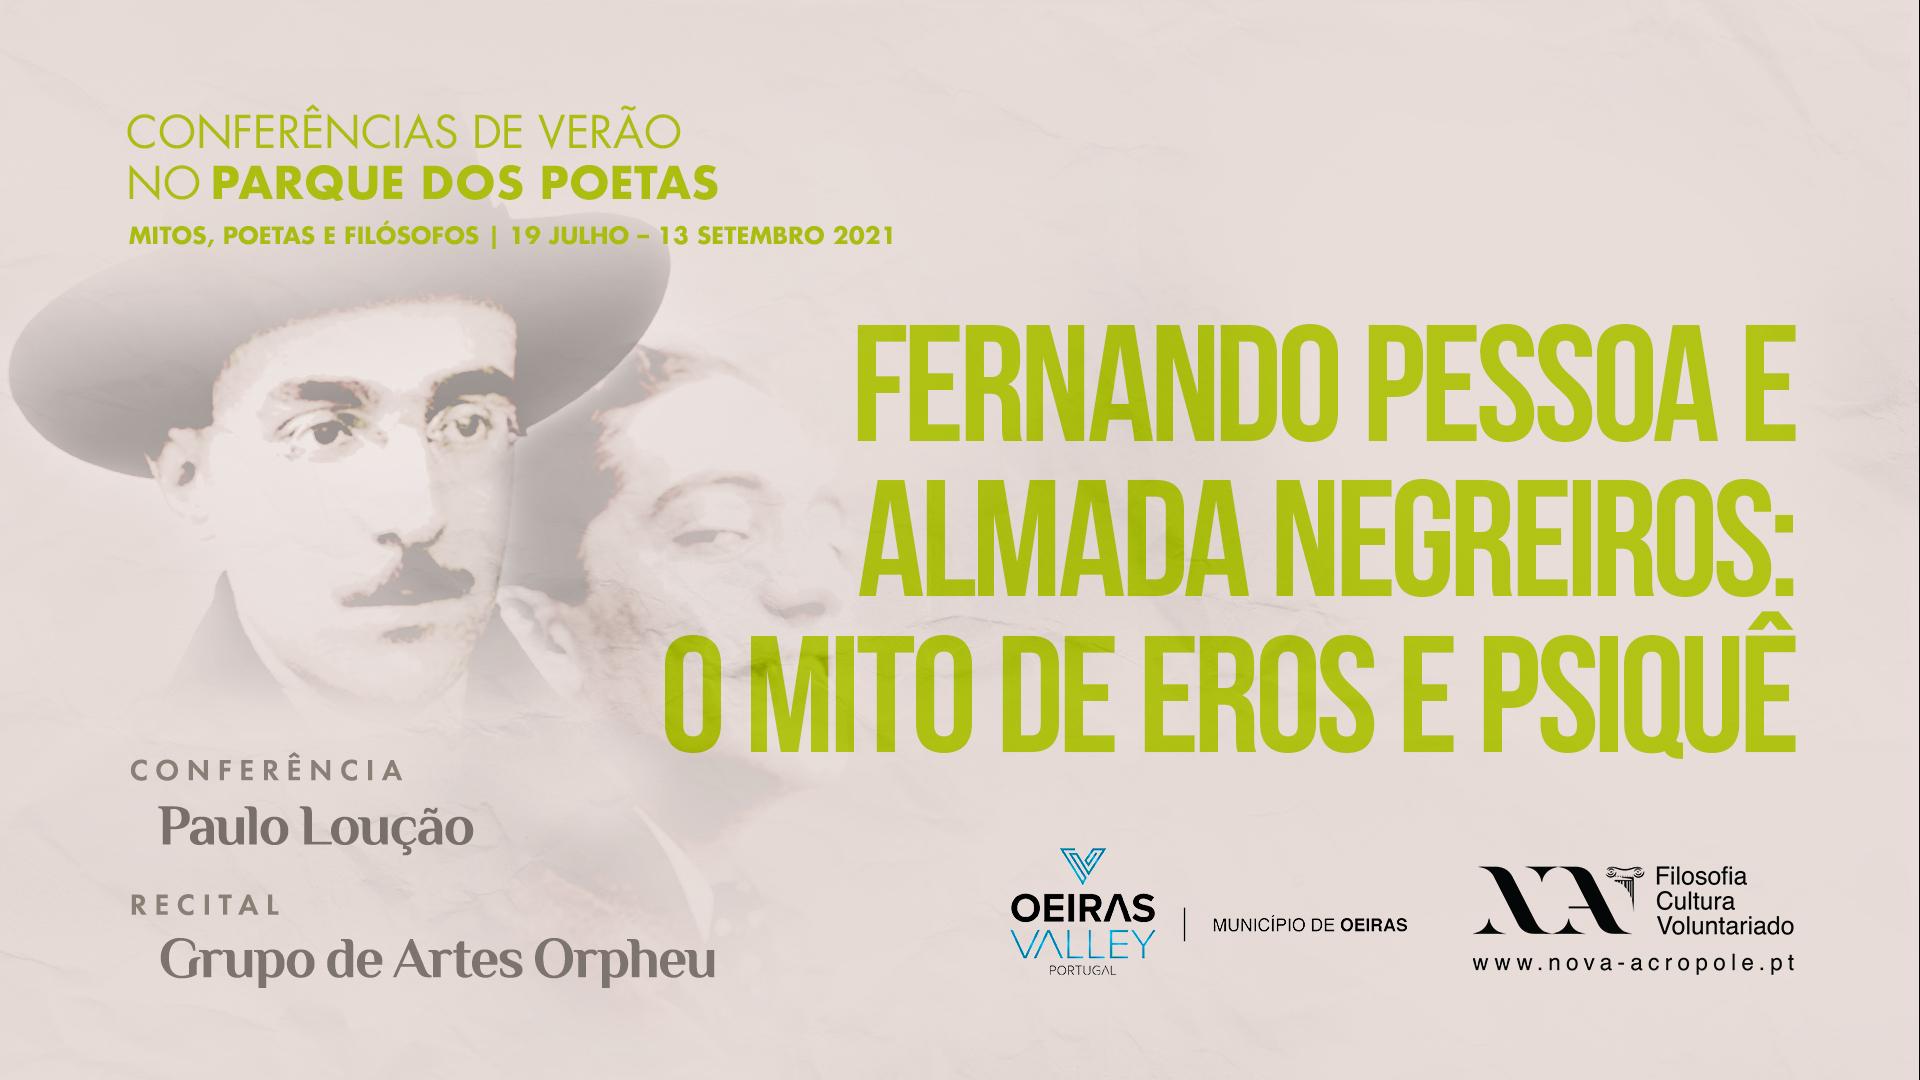 Fernando Pessoa e Almada Negreiros: o mito de Eros e Psique